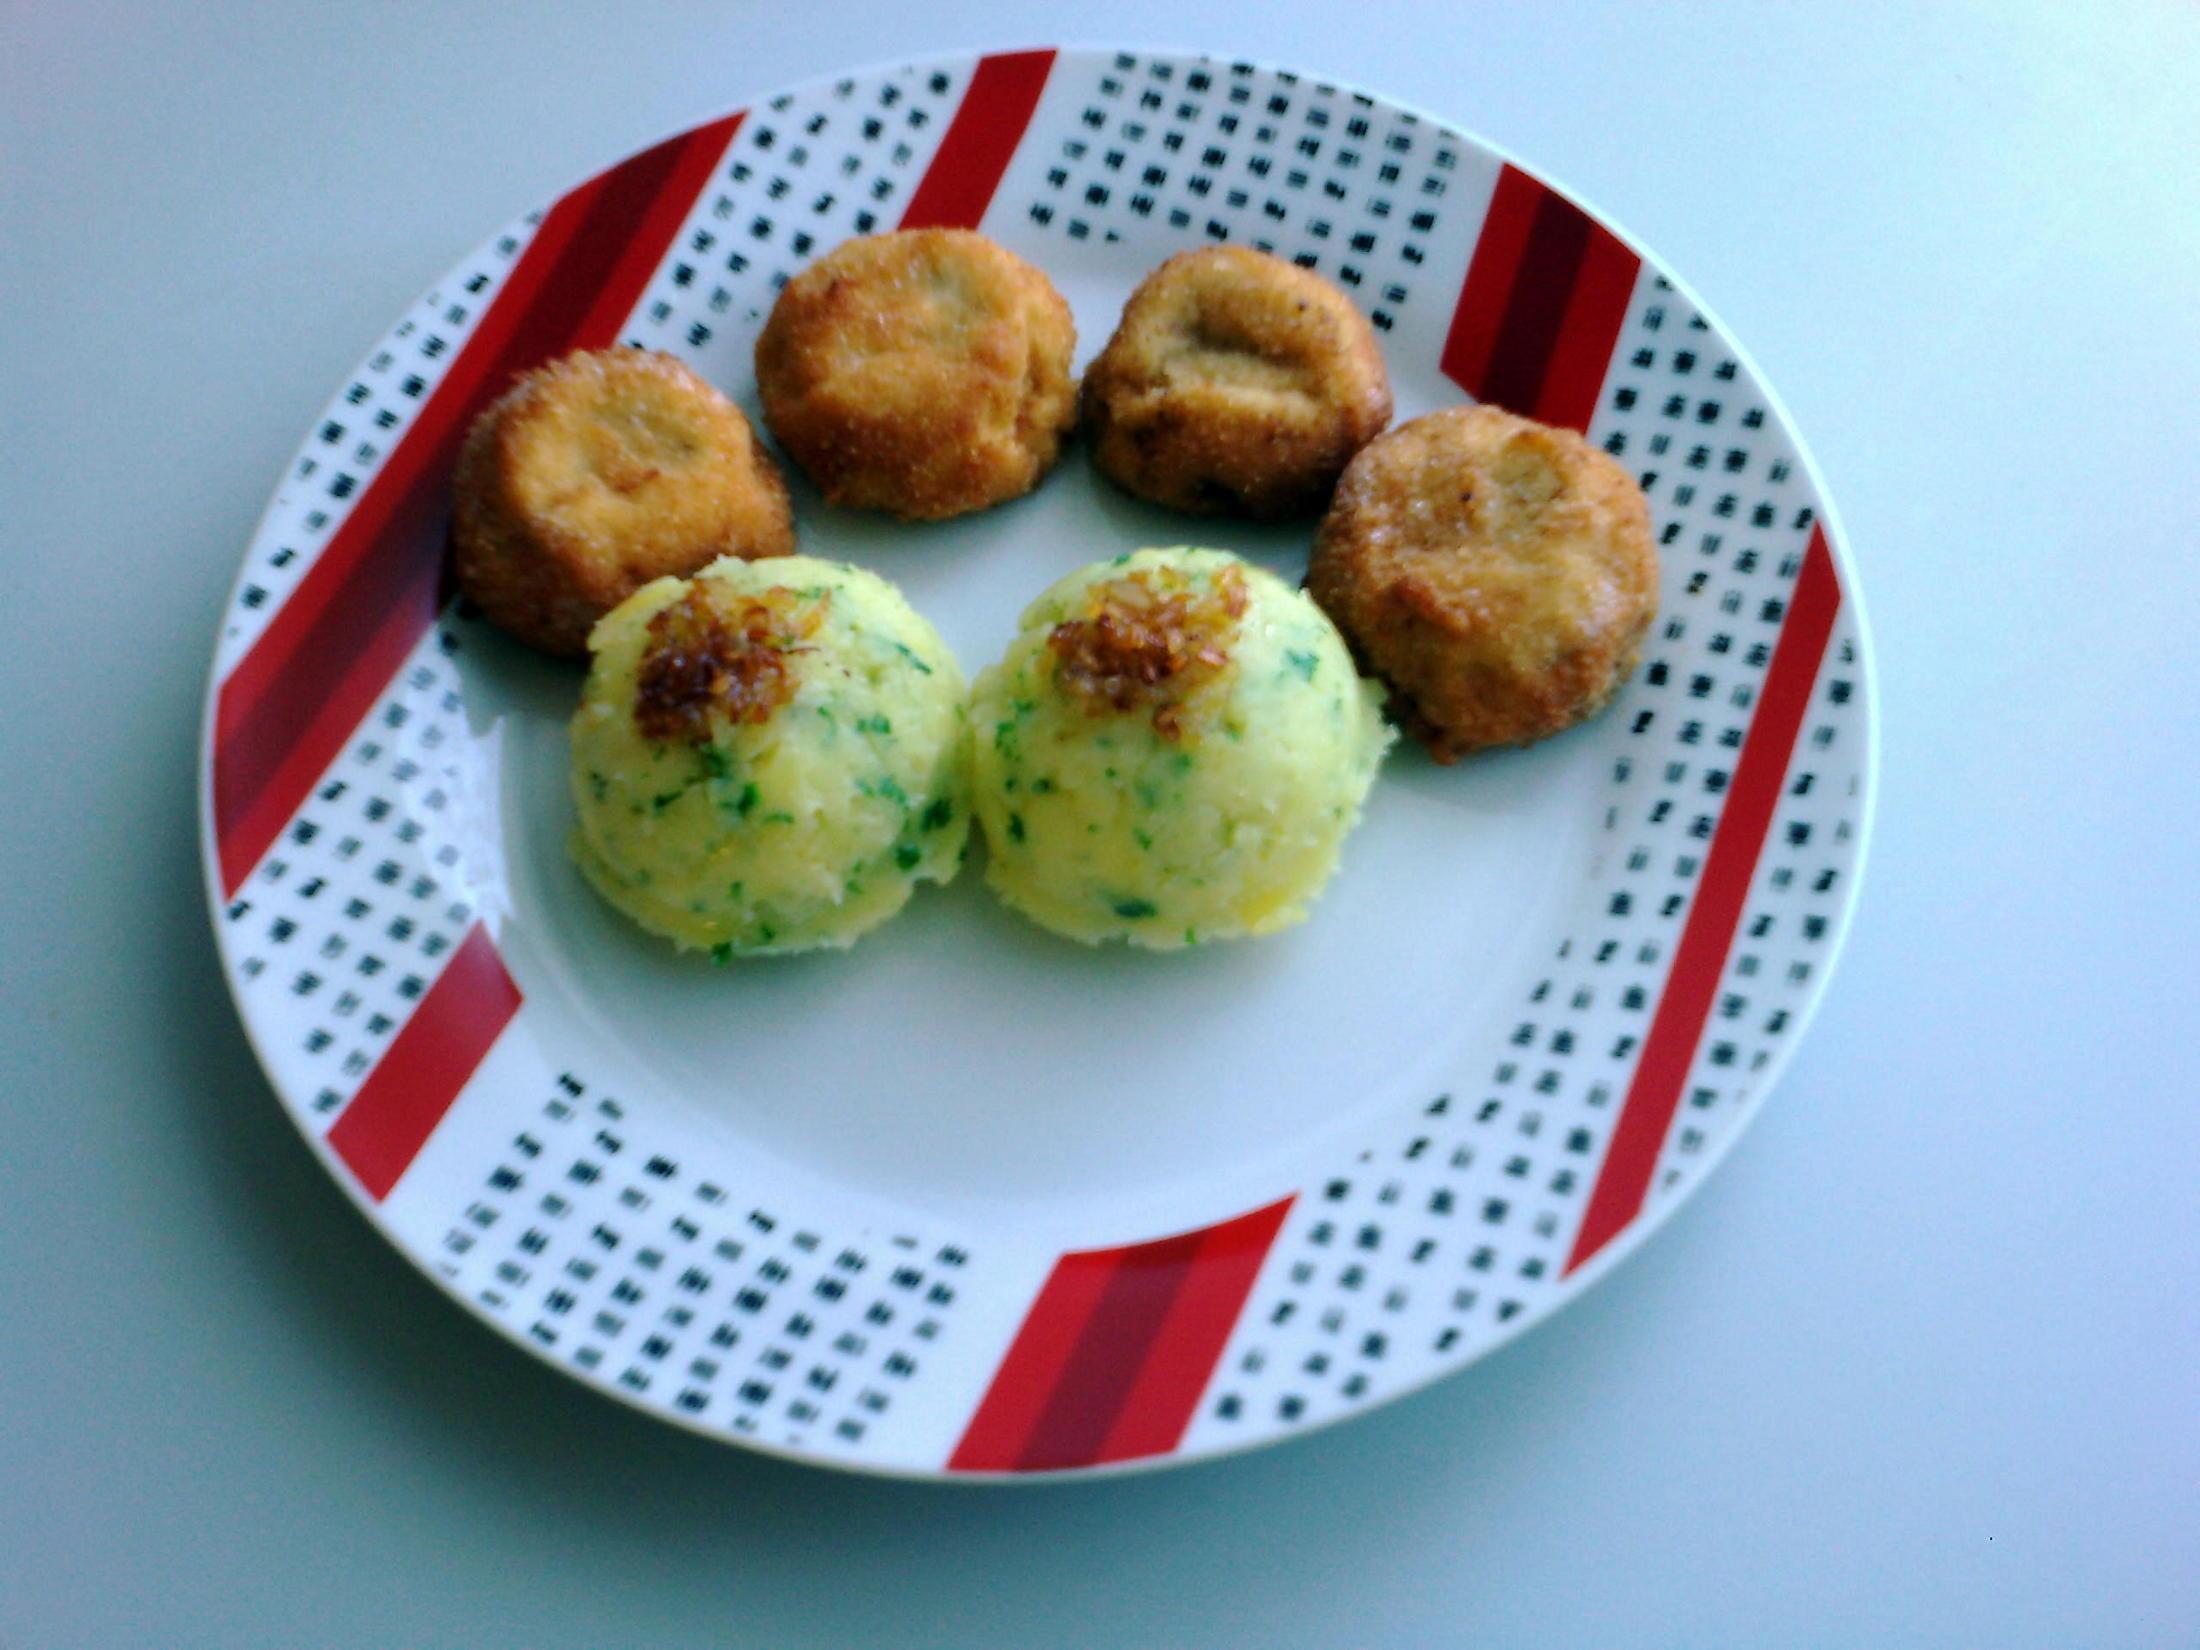 Recept Smažené žampiony - Smažené obalované žampiony s kopečky šťouchaných brambor.